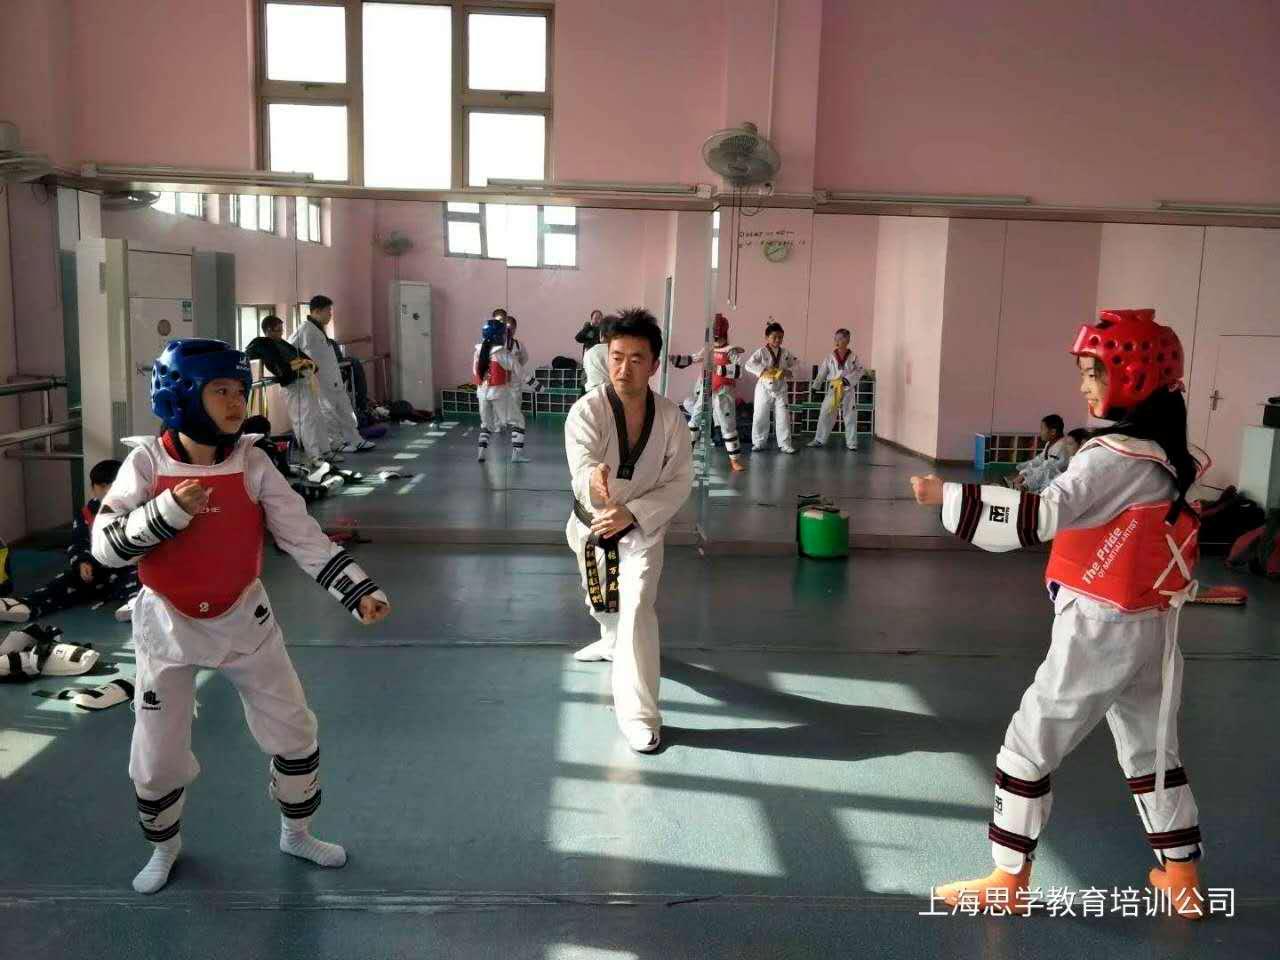 思学教育:桃李云帮培训学校管理软件助力我们发展